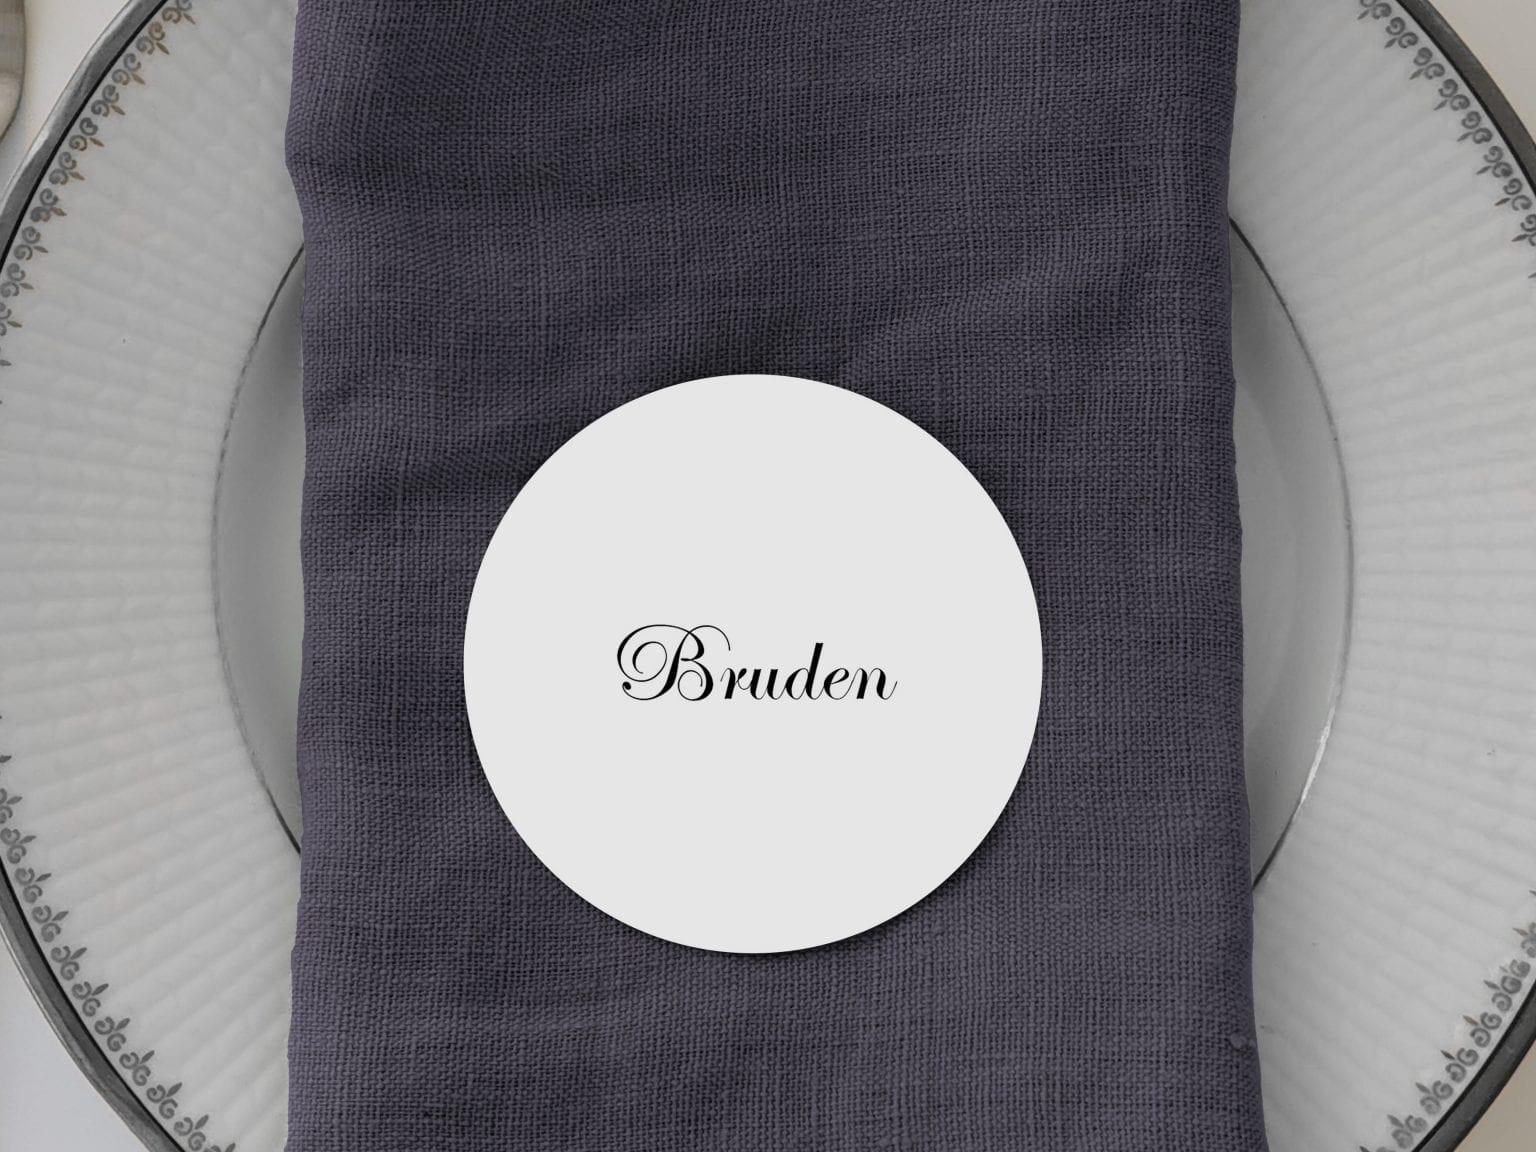 Kaligrafitti, runde bordkort, bryllup